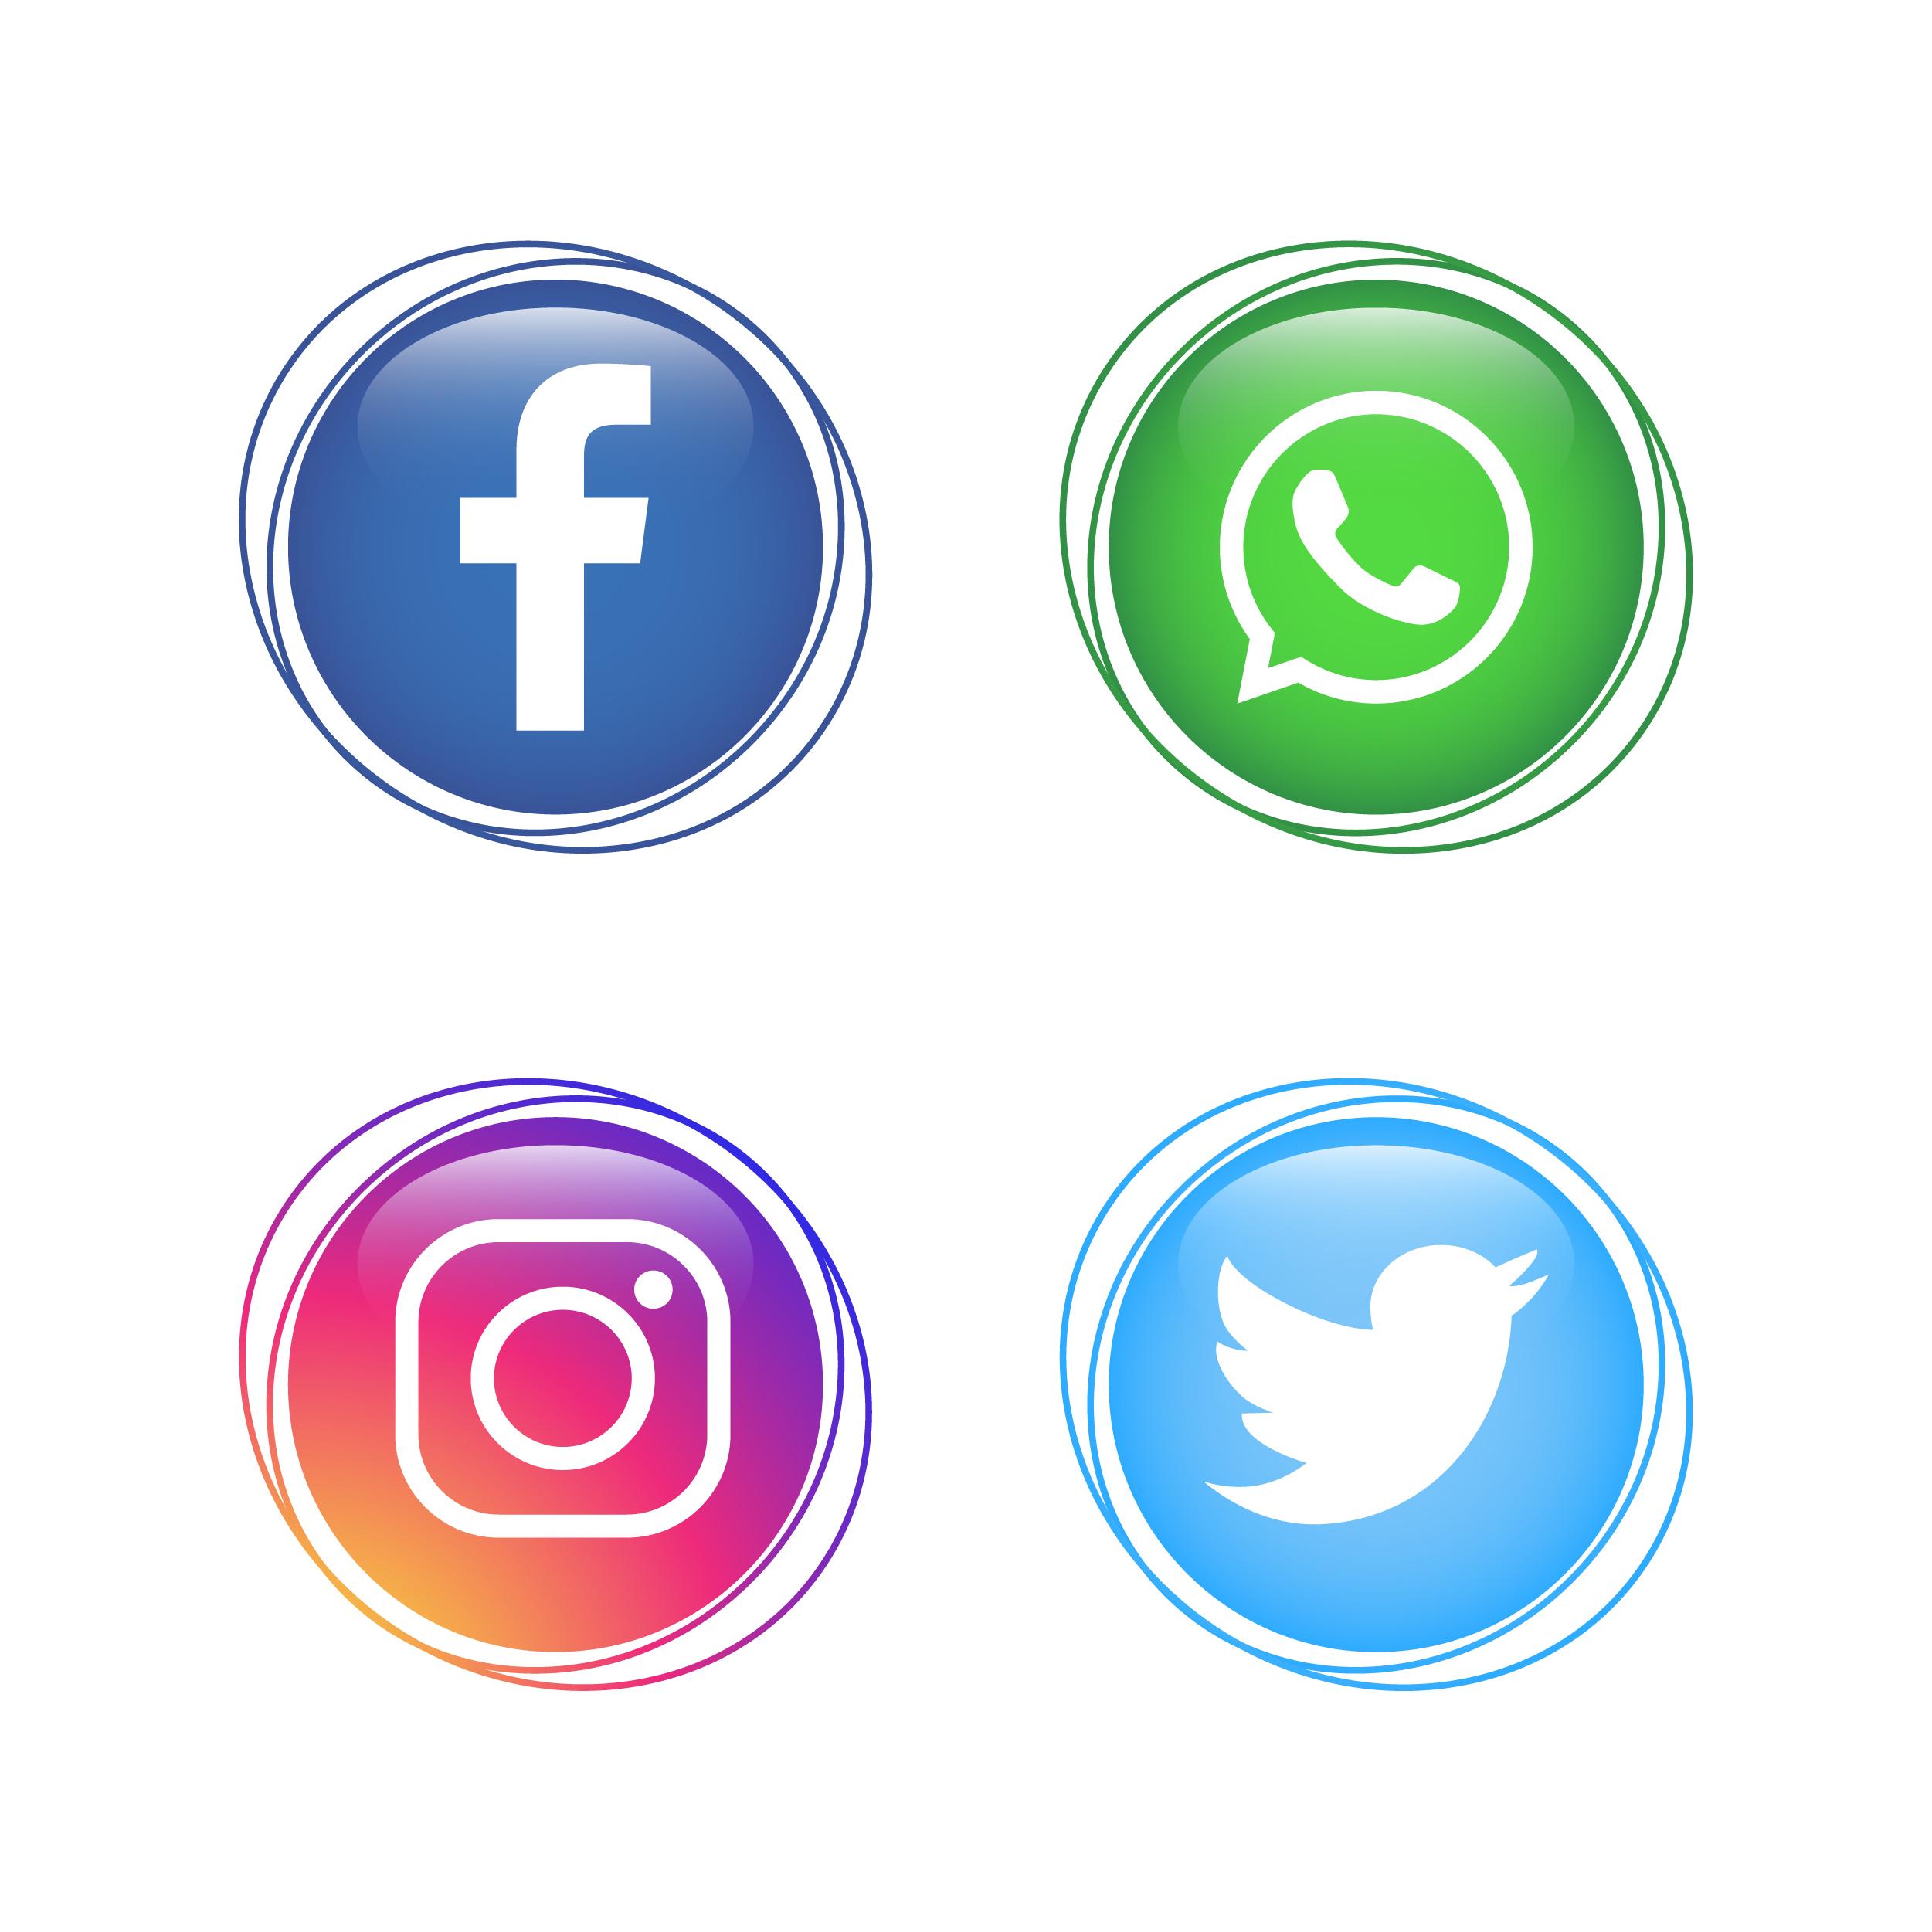 社群icon 免費下載 | 天天瘋後製